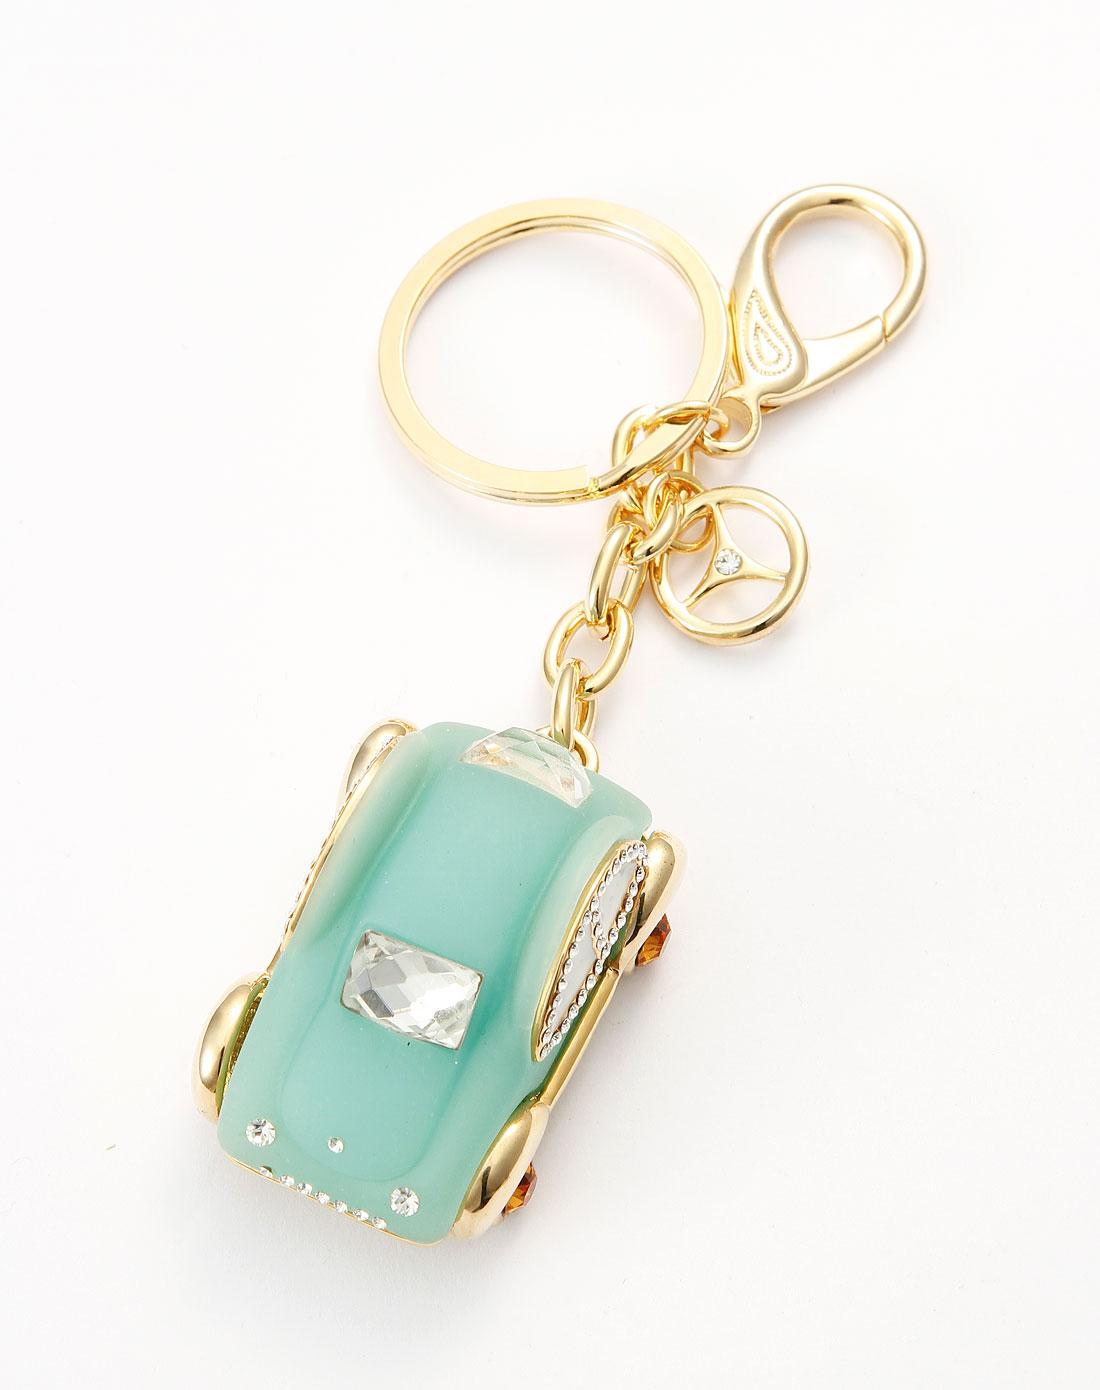 可爱蓝色水晶胶钥匙扣